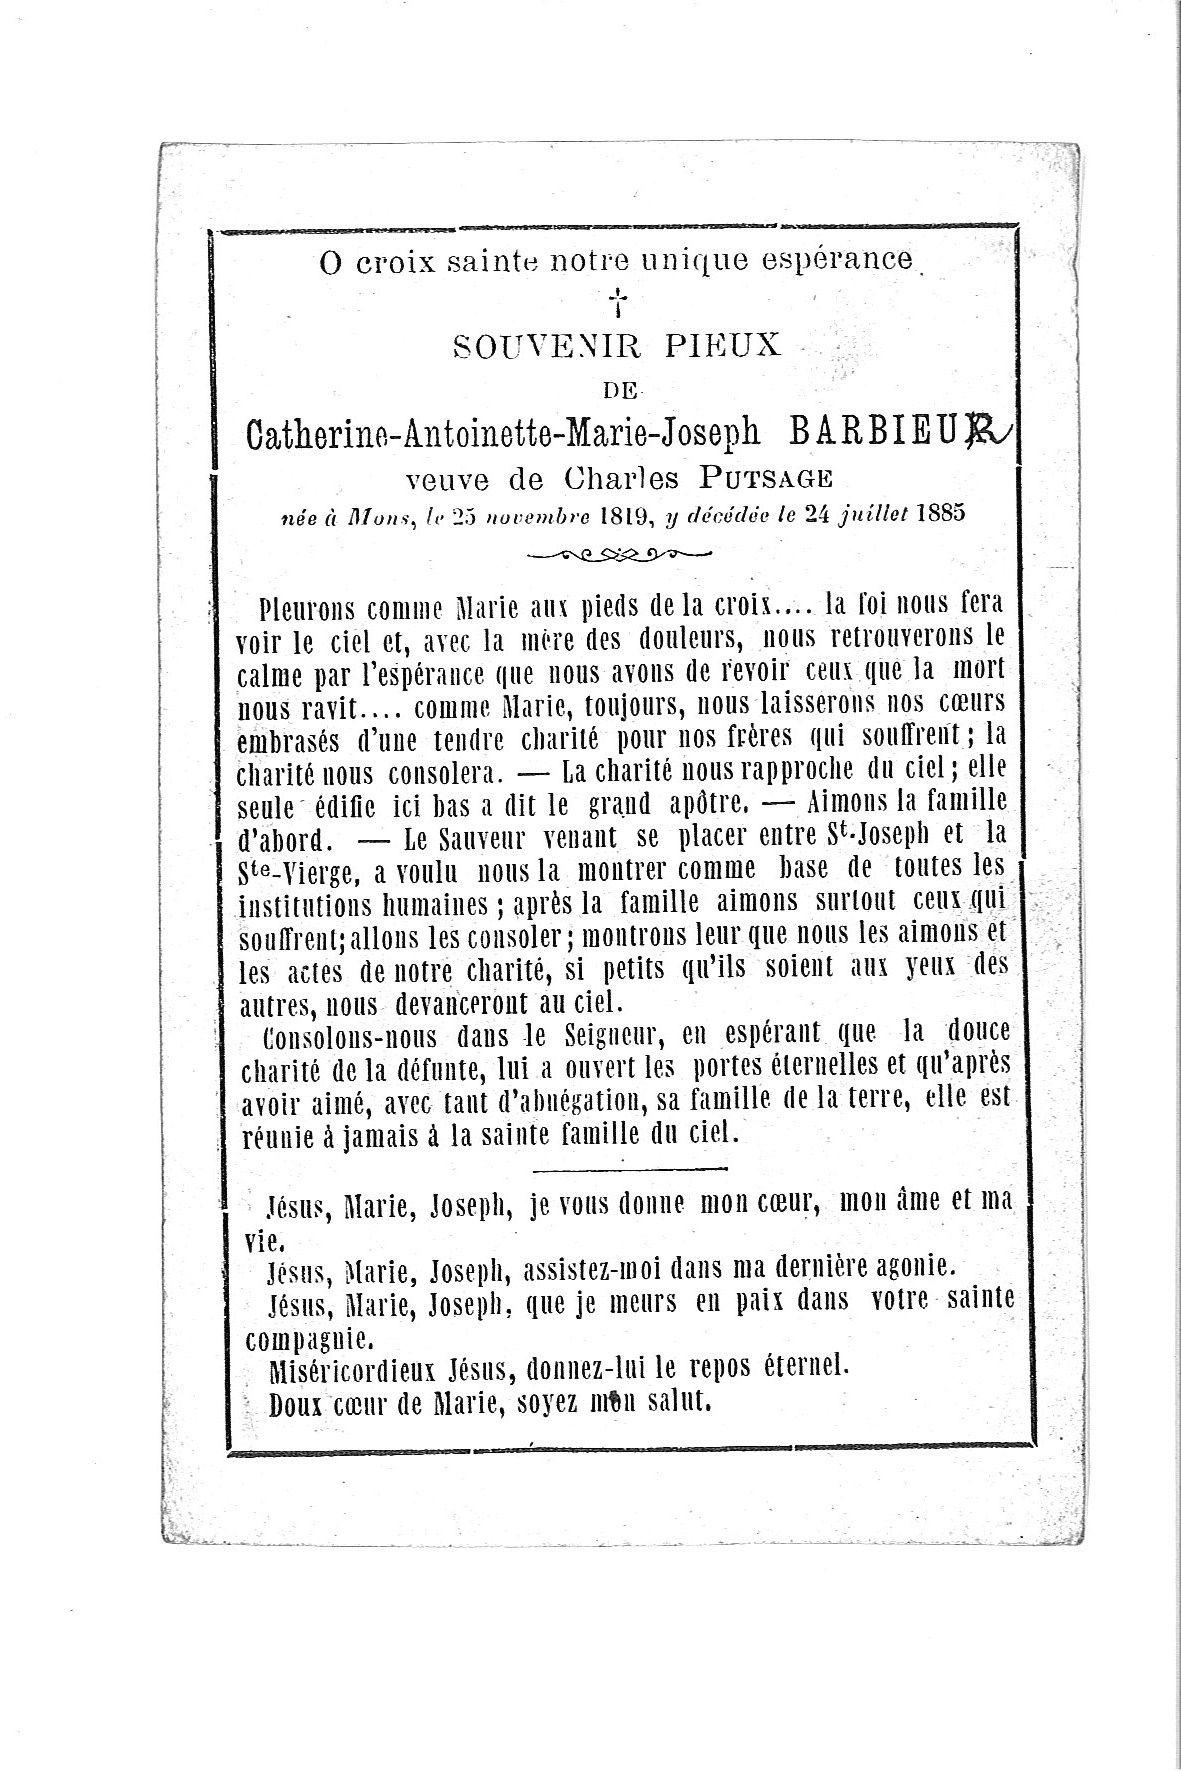 catherine-antoinette-marie-joseph(1819)20090604114516_00026.jpg